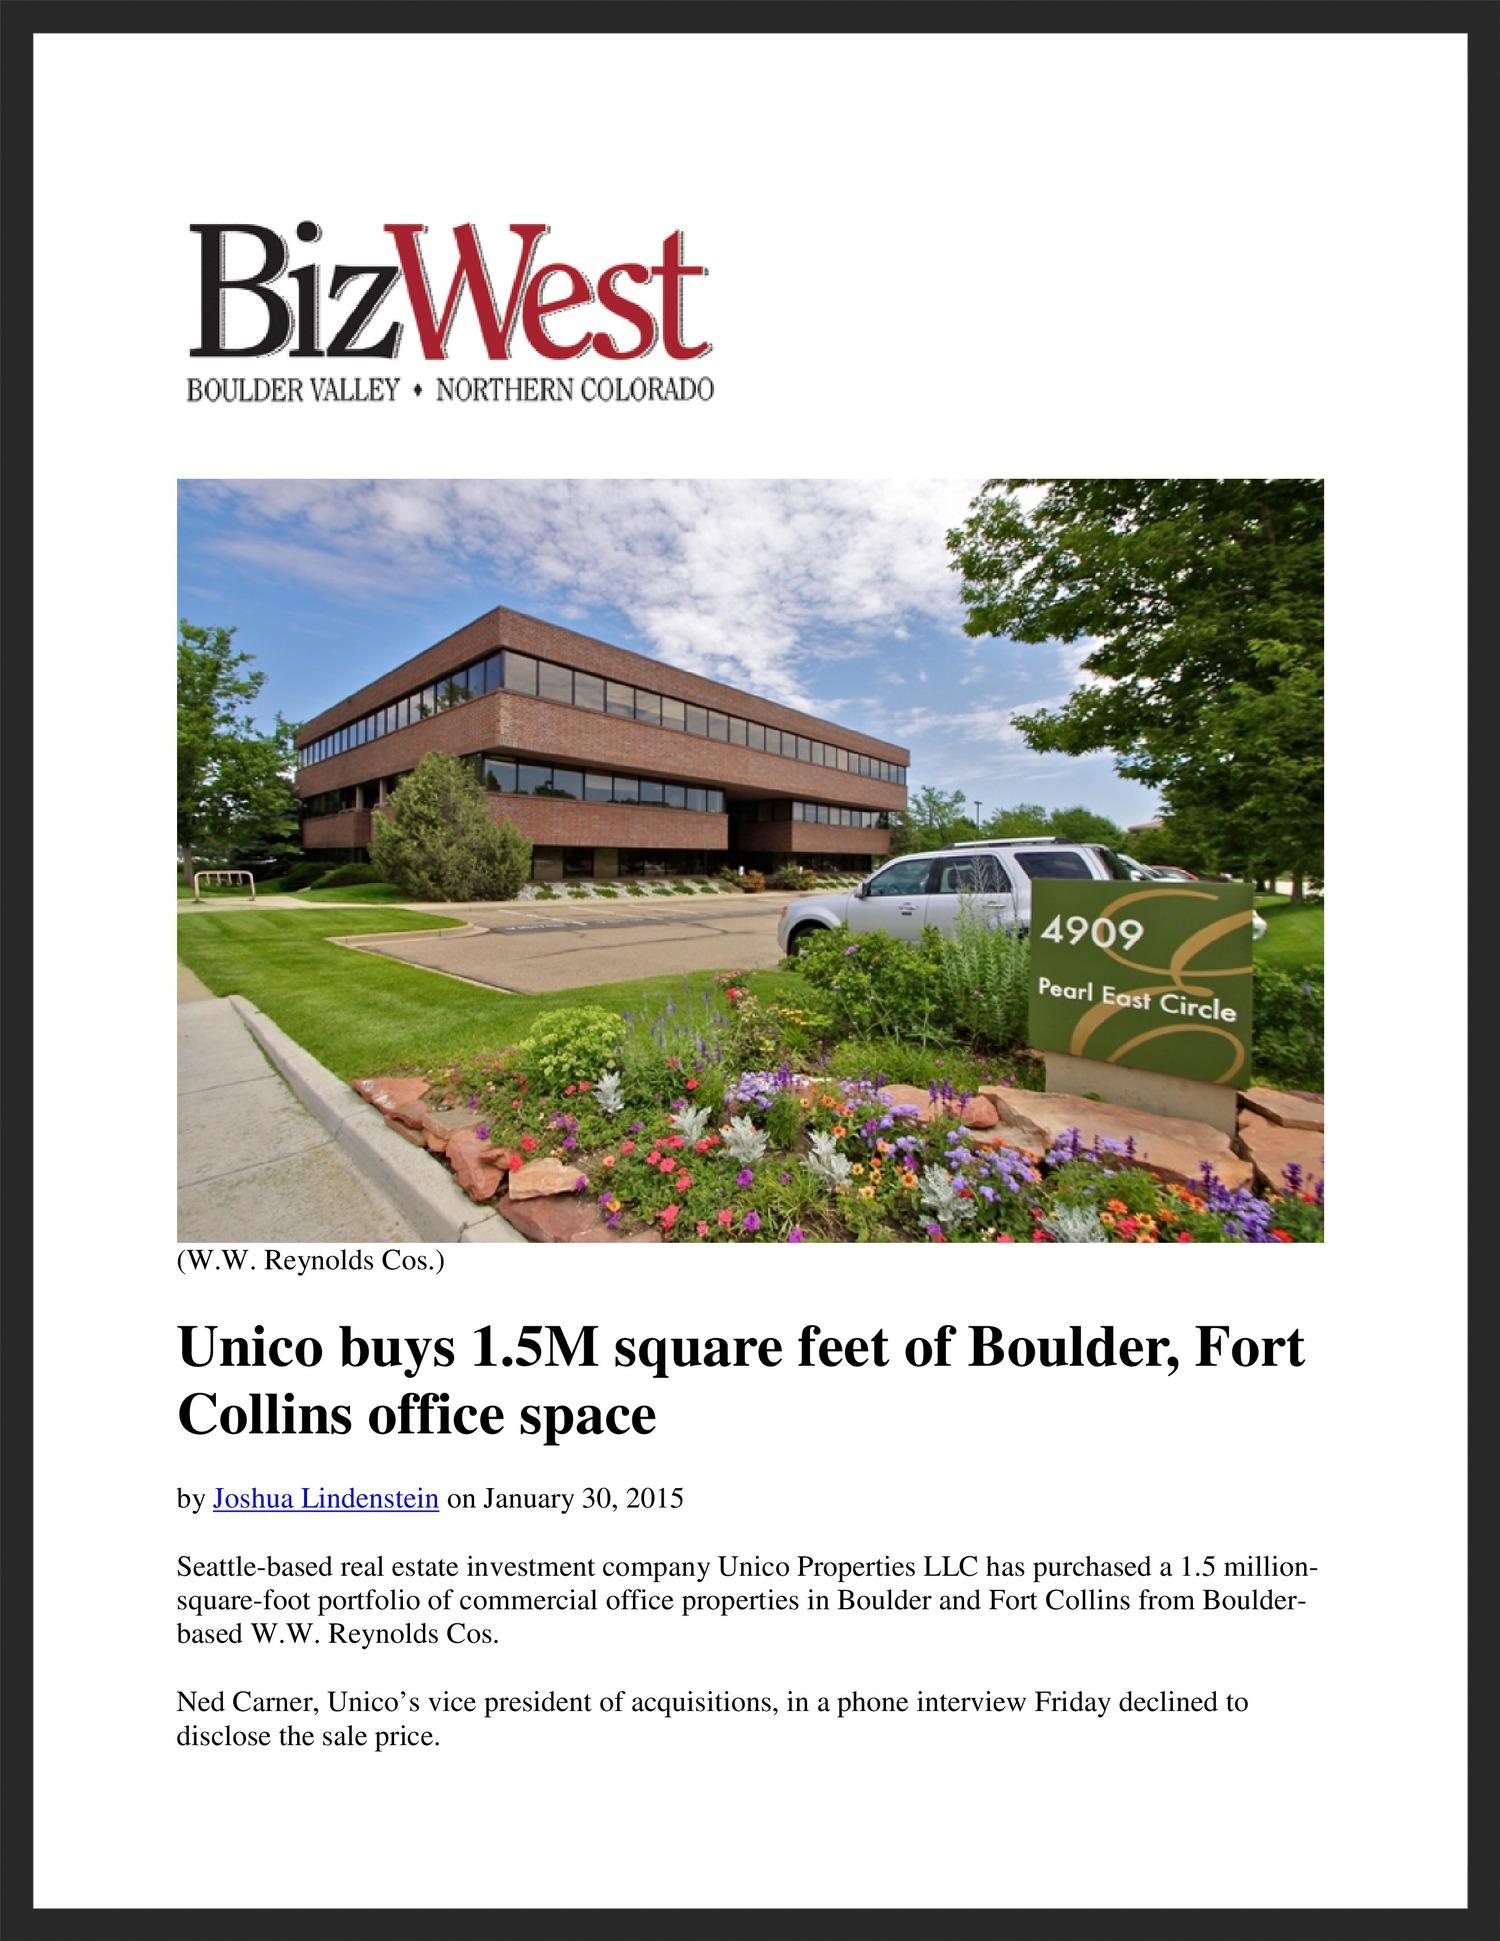 UNICO  BizWest  01.30.2015